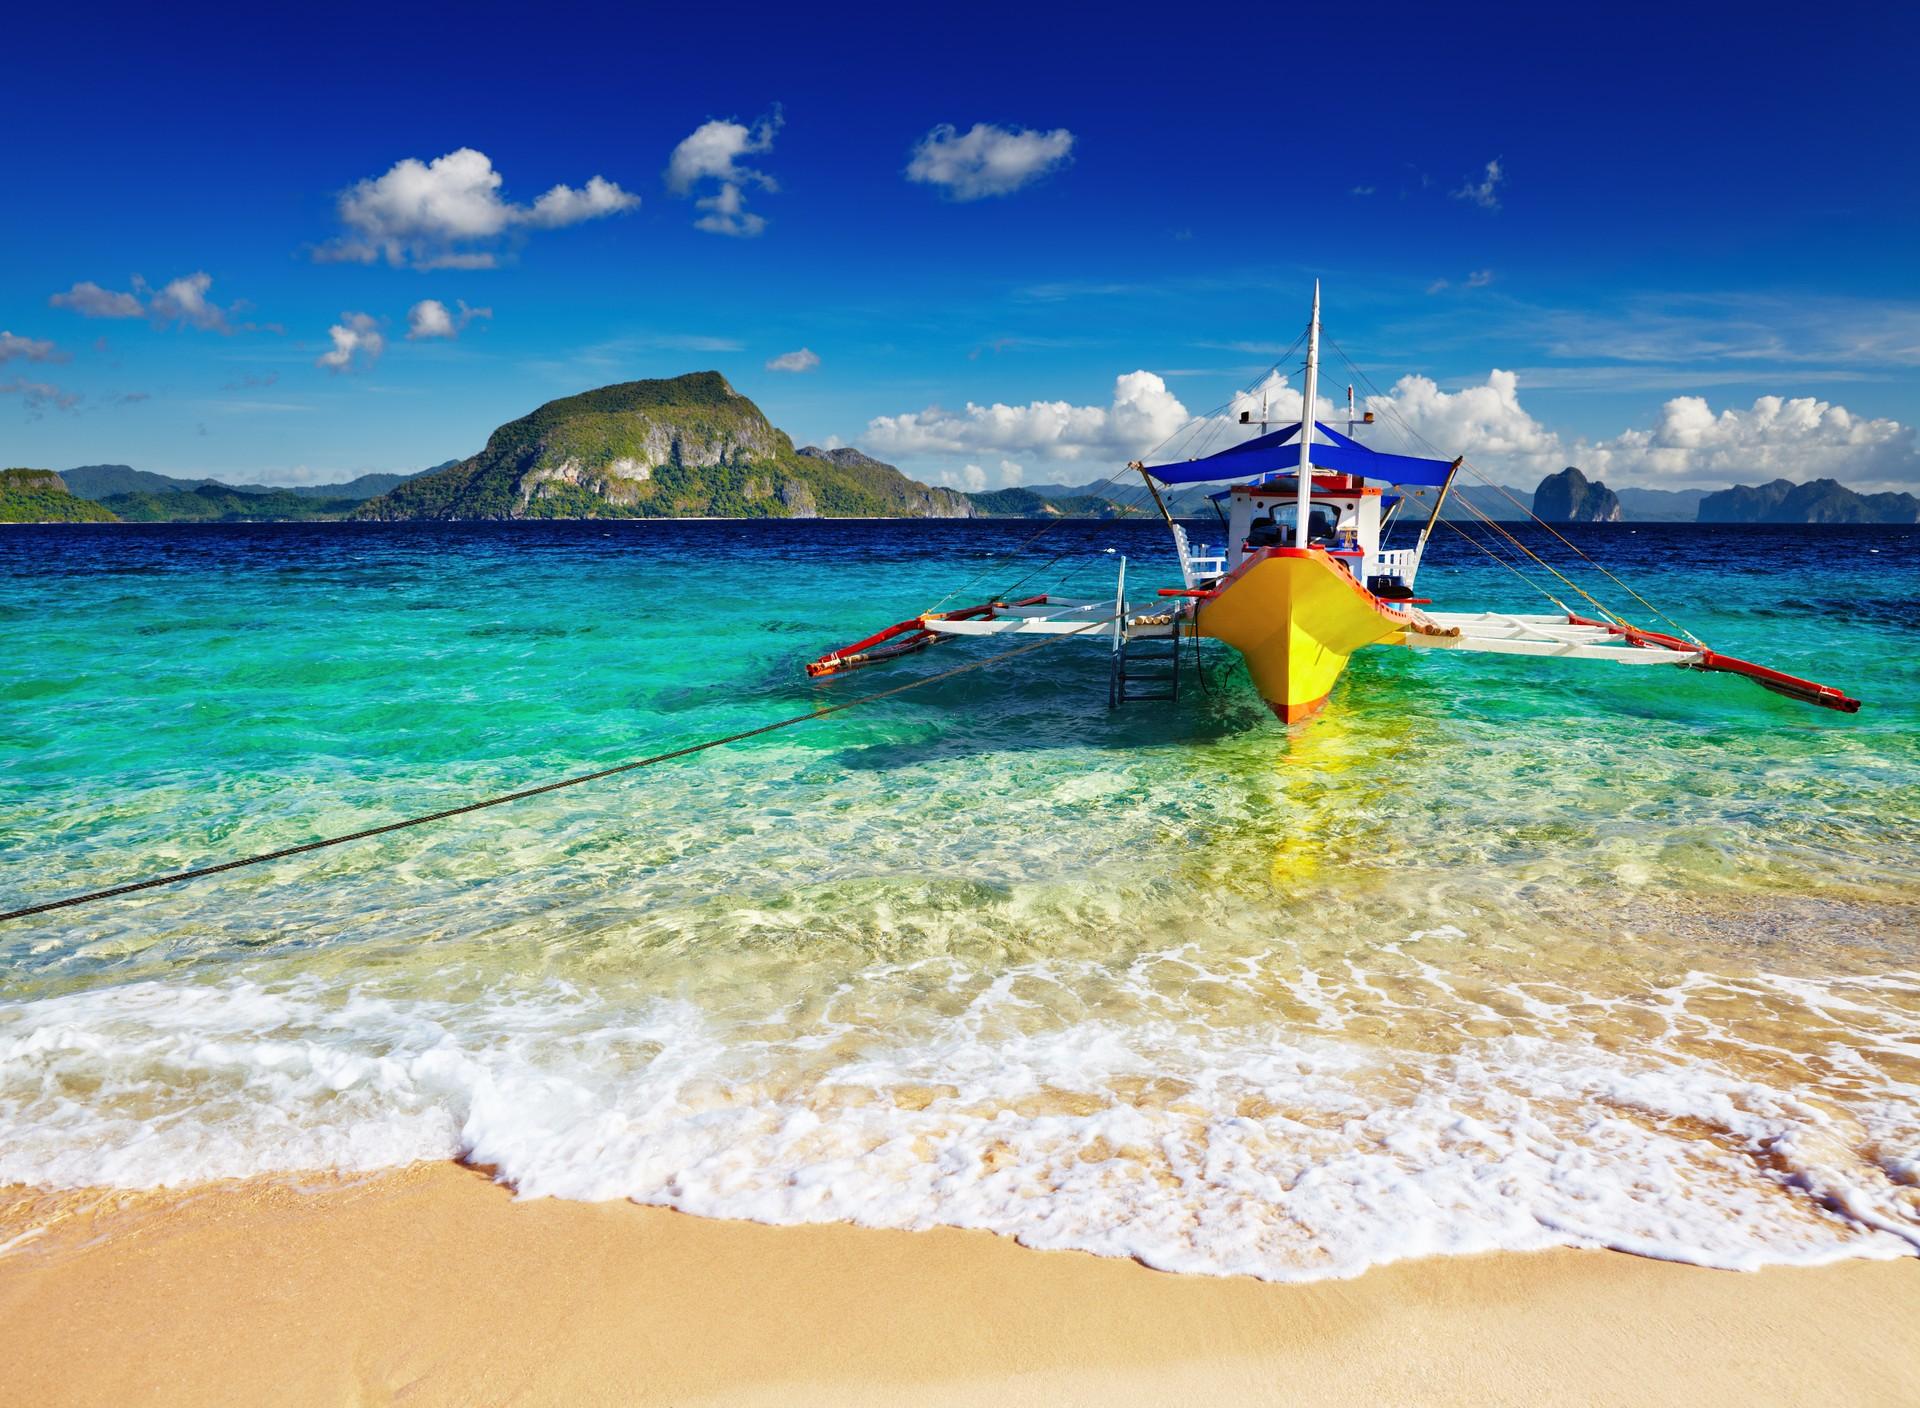 The bright blue waters of El Nido, Palawan